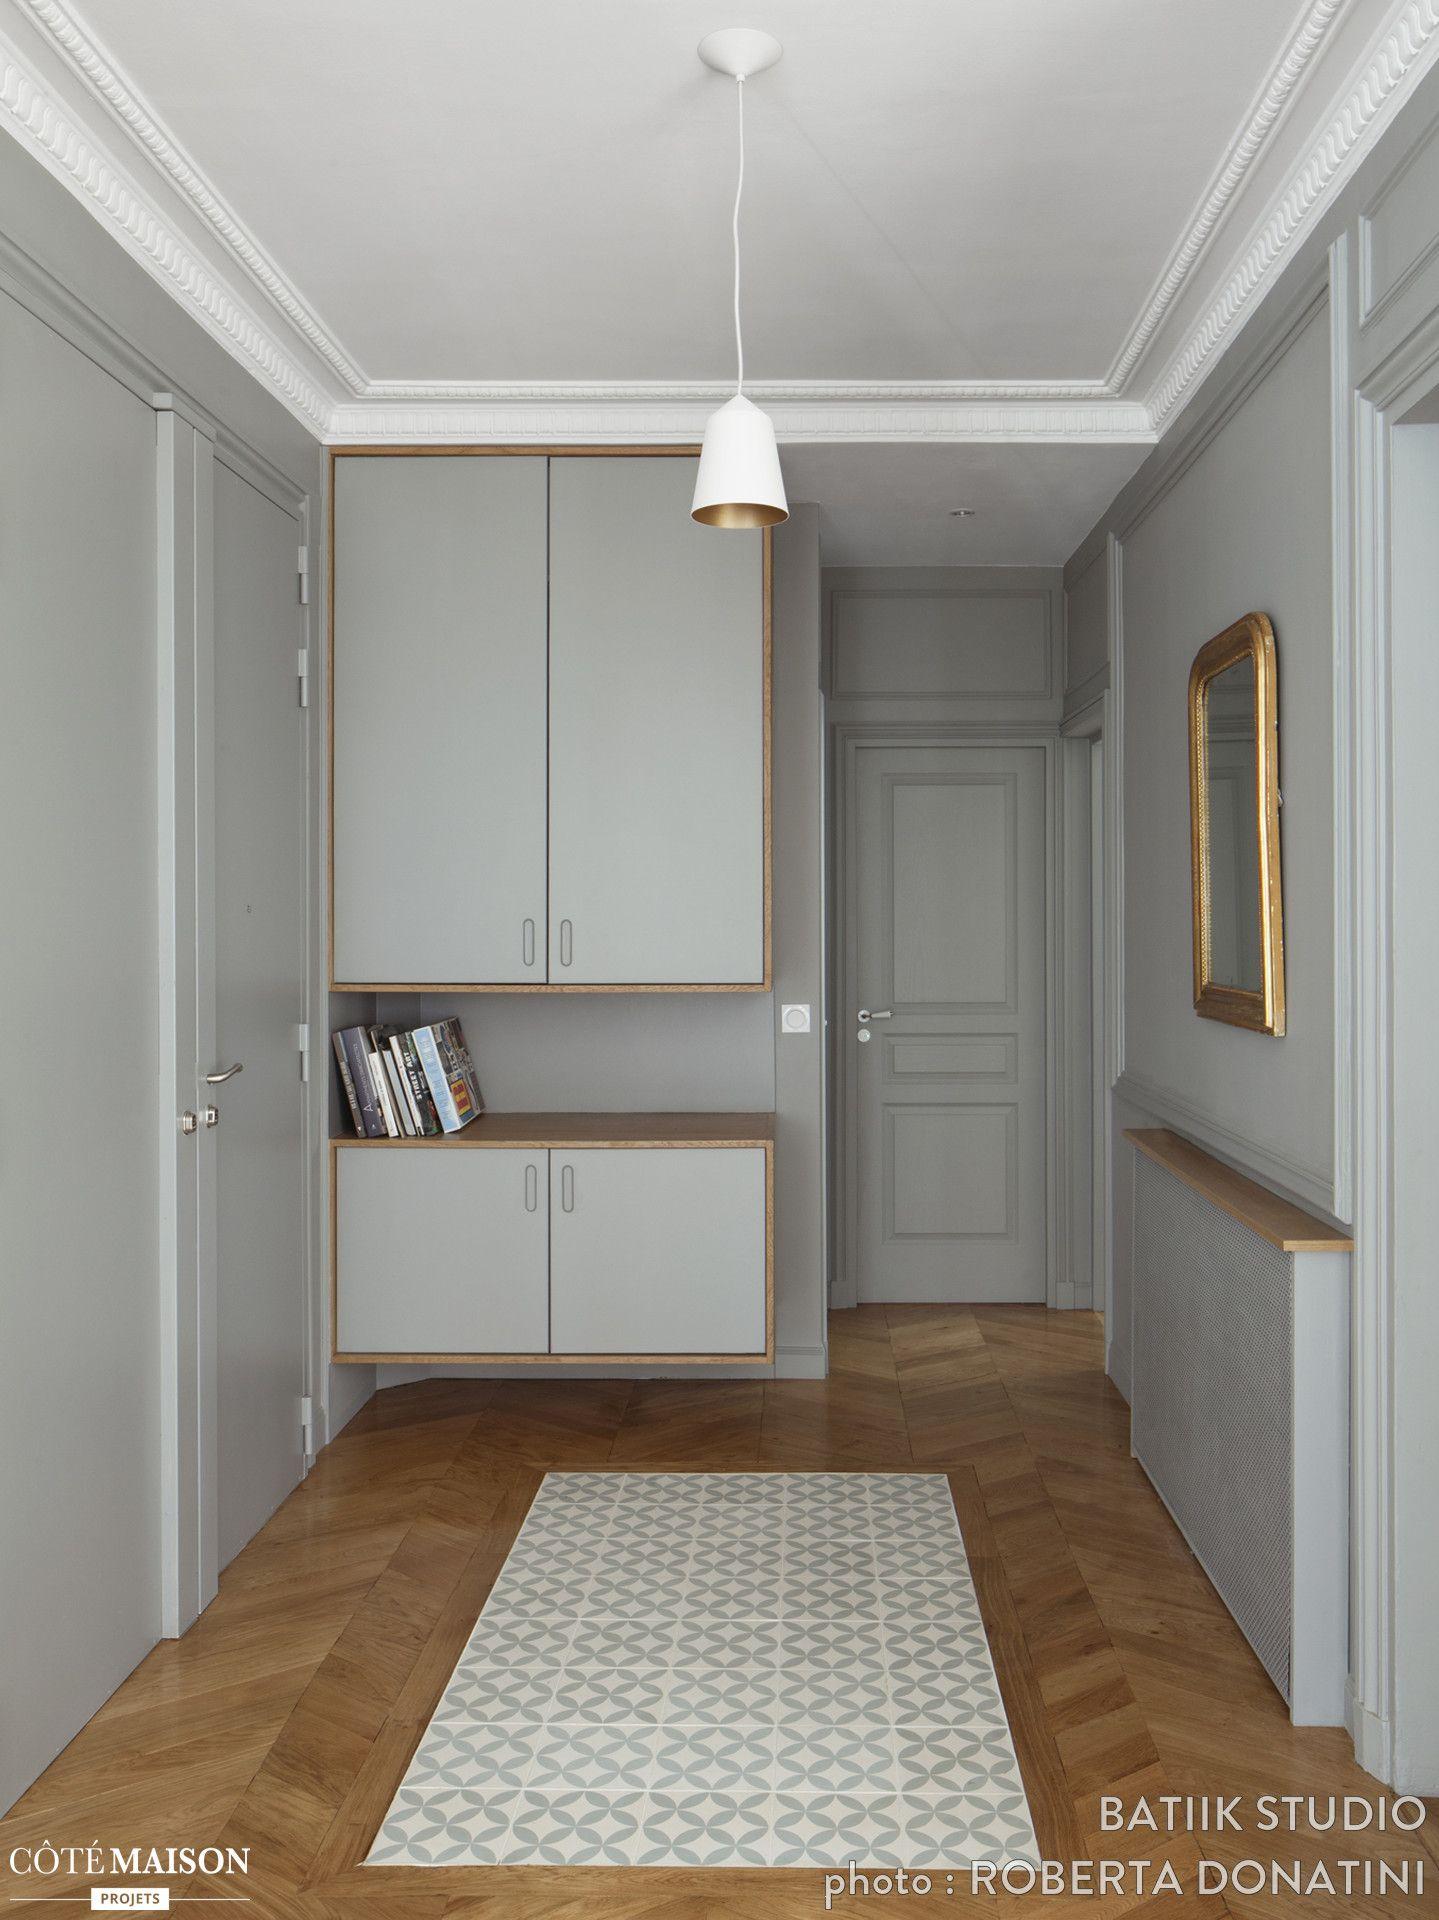 Appartement Lumineux De 110 M2 Au Coeur Du Marais Batiik Studio